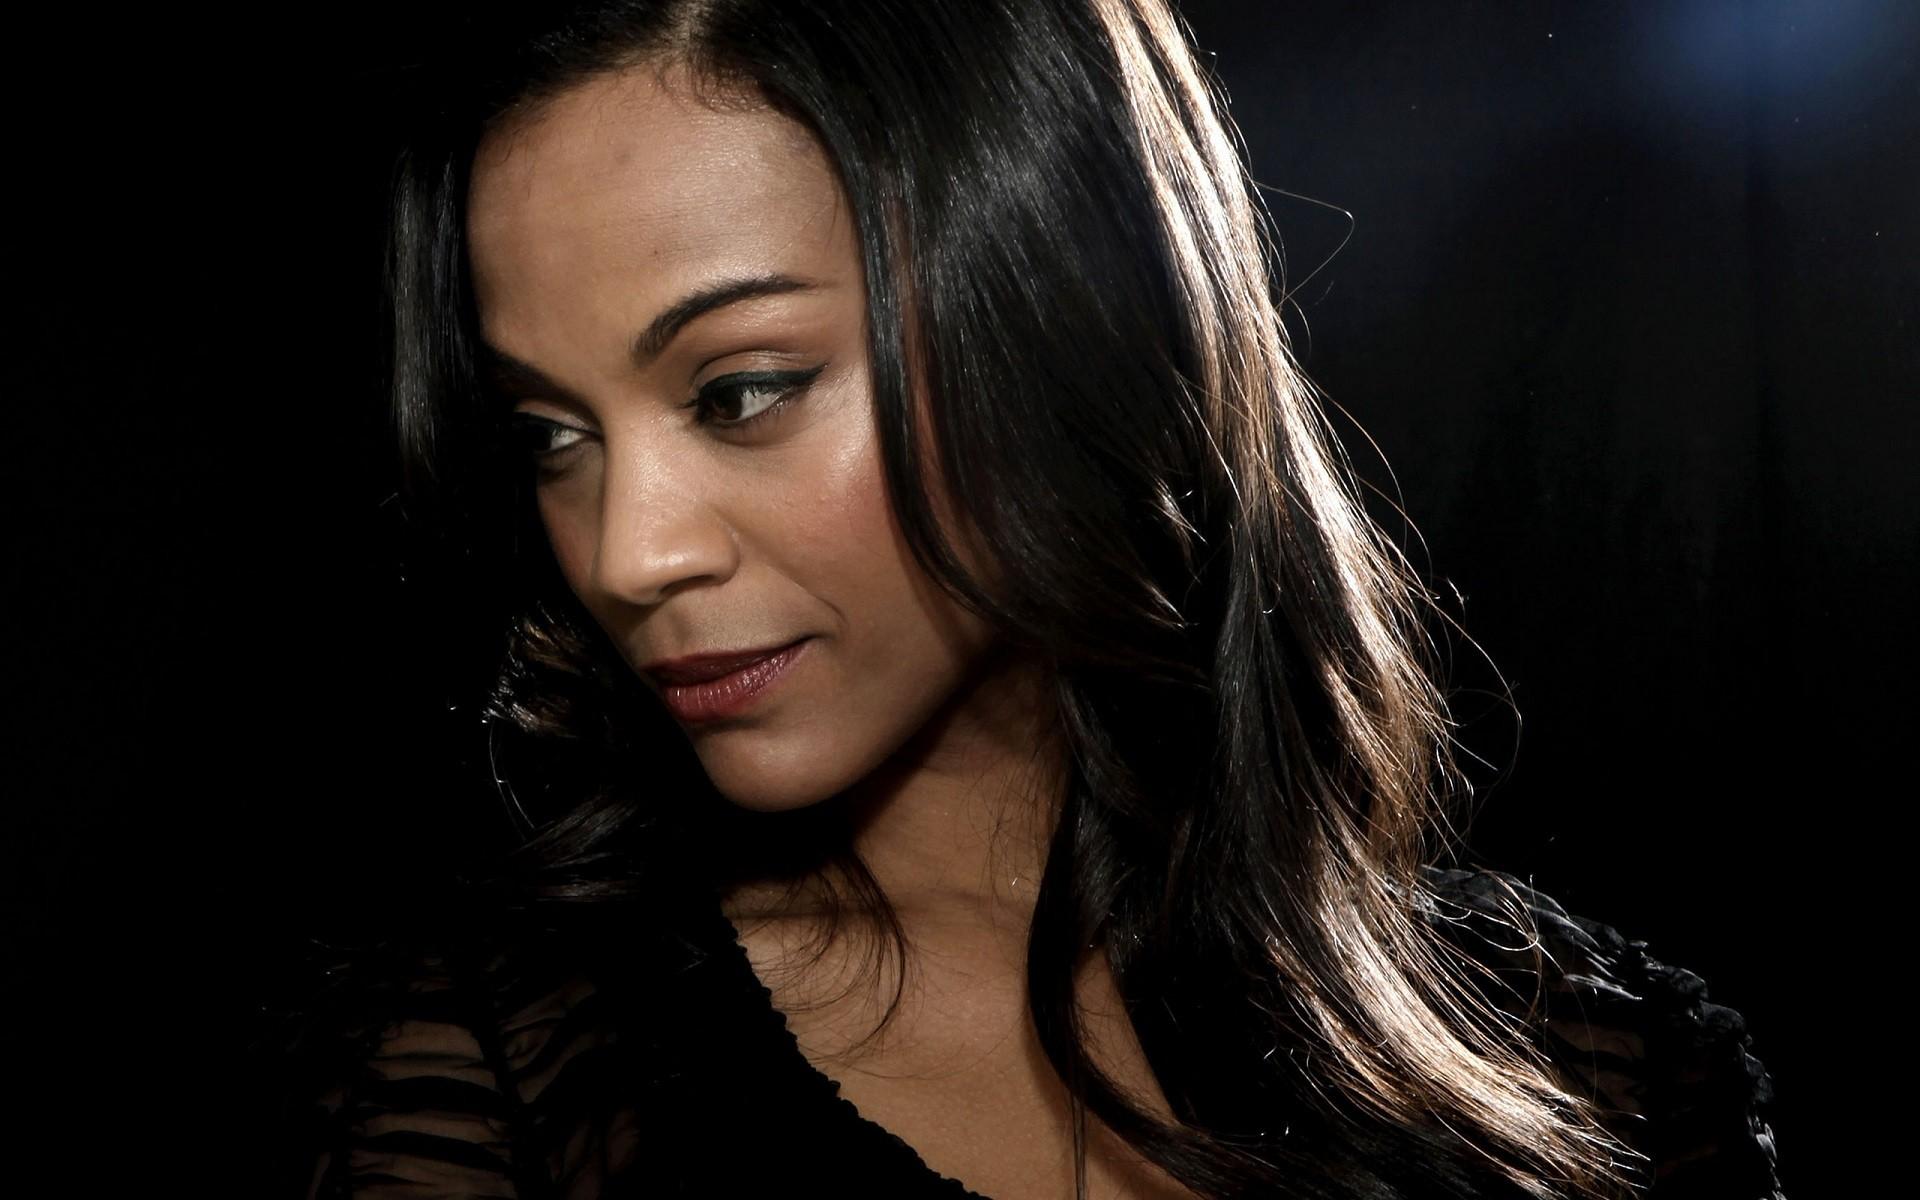 Smukke Øjne, Afrikansk Skønhed, Afrikanske Kvinder, Mørk Hud Skønhed, Ibenholt Skønhed, Afrikansk Amerikanske Piger, Smukke Sorte Kvinder, Afrikansk.